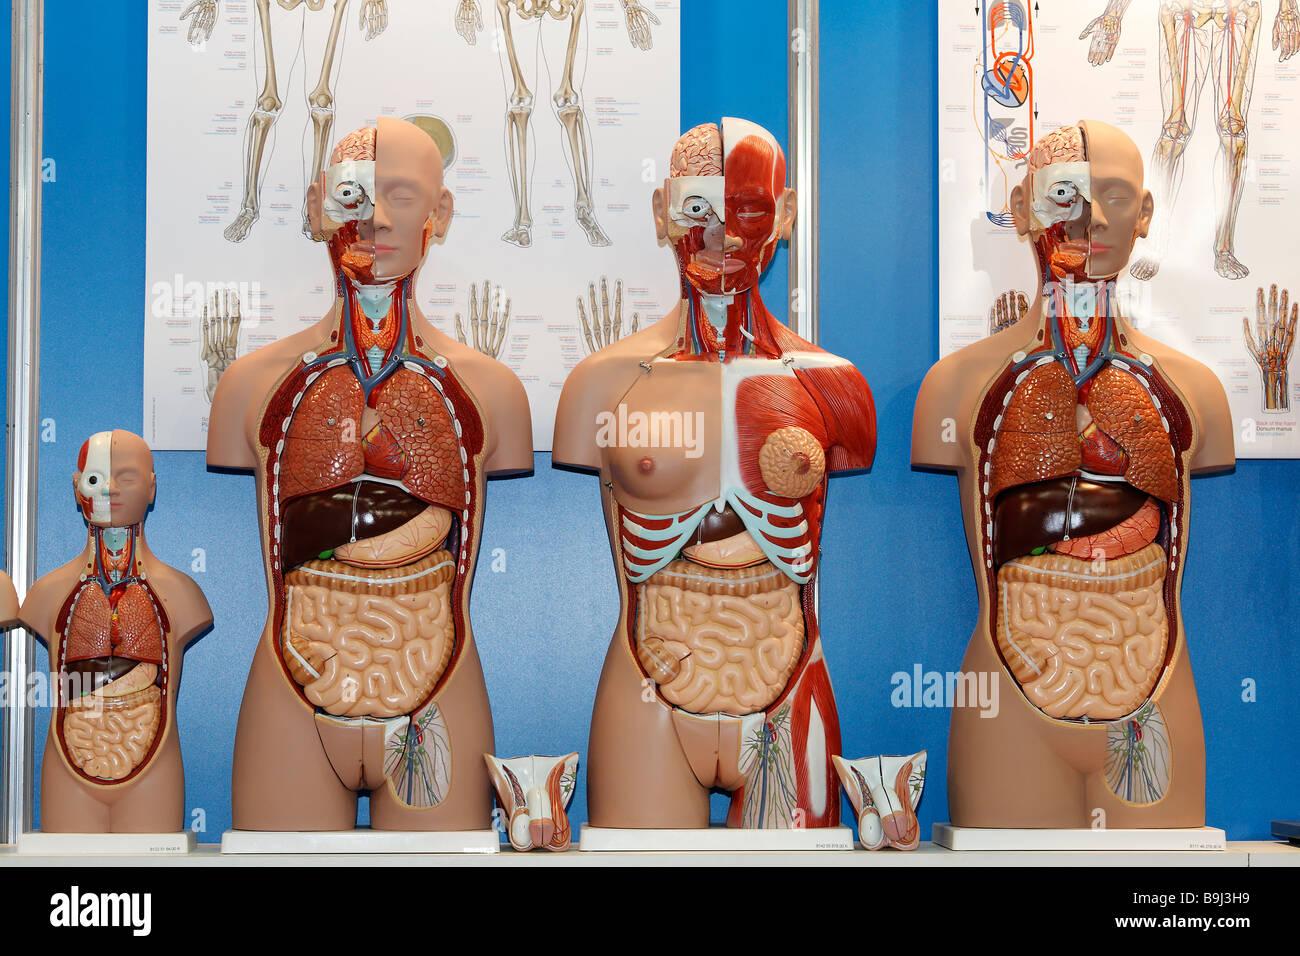 Torsi con testata aperta e la parte superiore del corpo, modelli anatomici di società Erler-Zimmer, Medica Immagini Stock